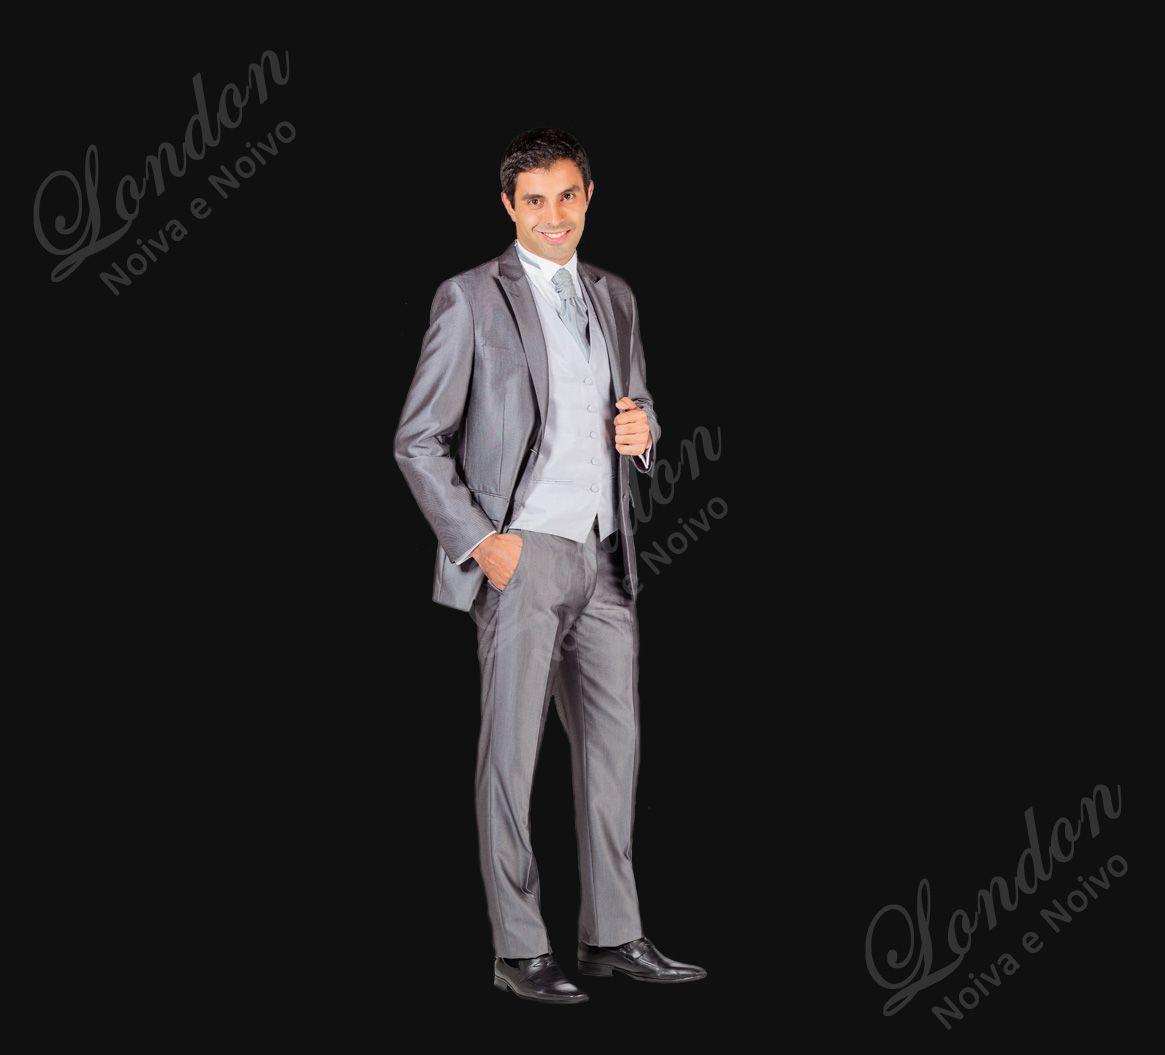 Terno Nupcial Super Slim para noivos com tórax desenvolvido.  Disponível apenas na London. Veja este e outros ternos no site www.londontrajesocial.com.br/